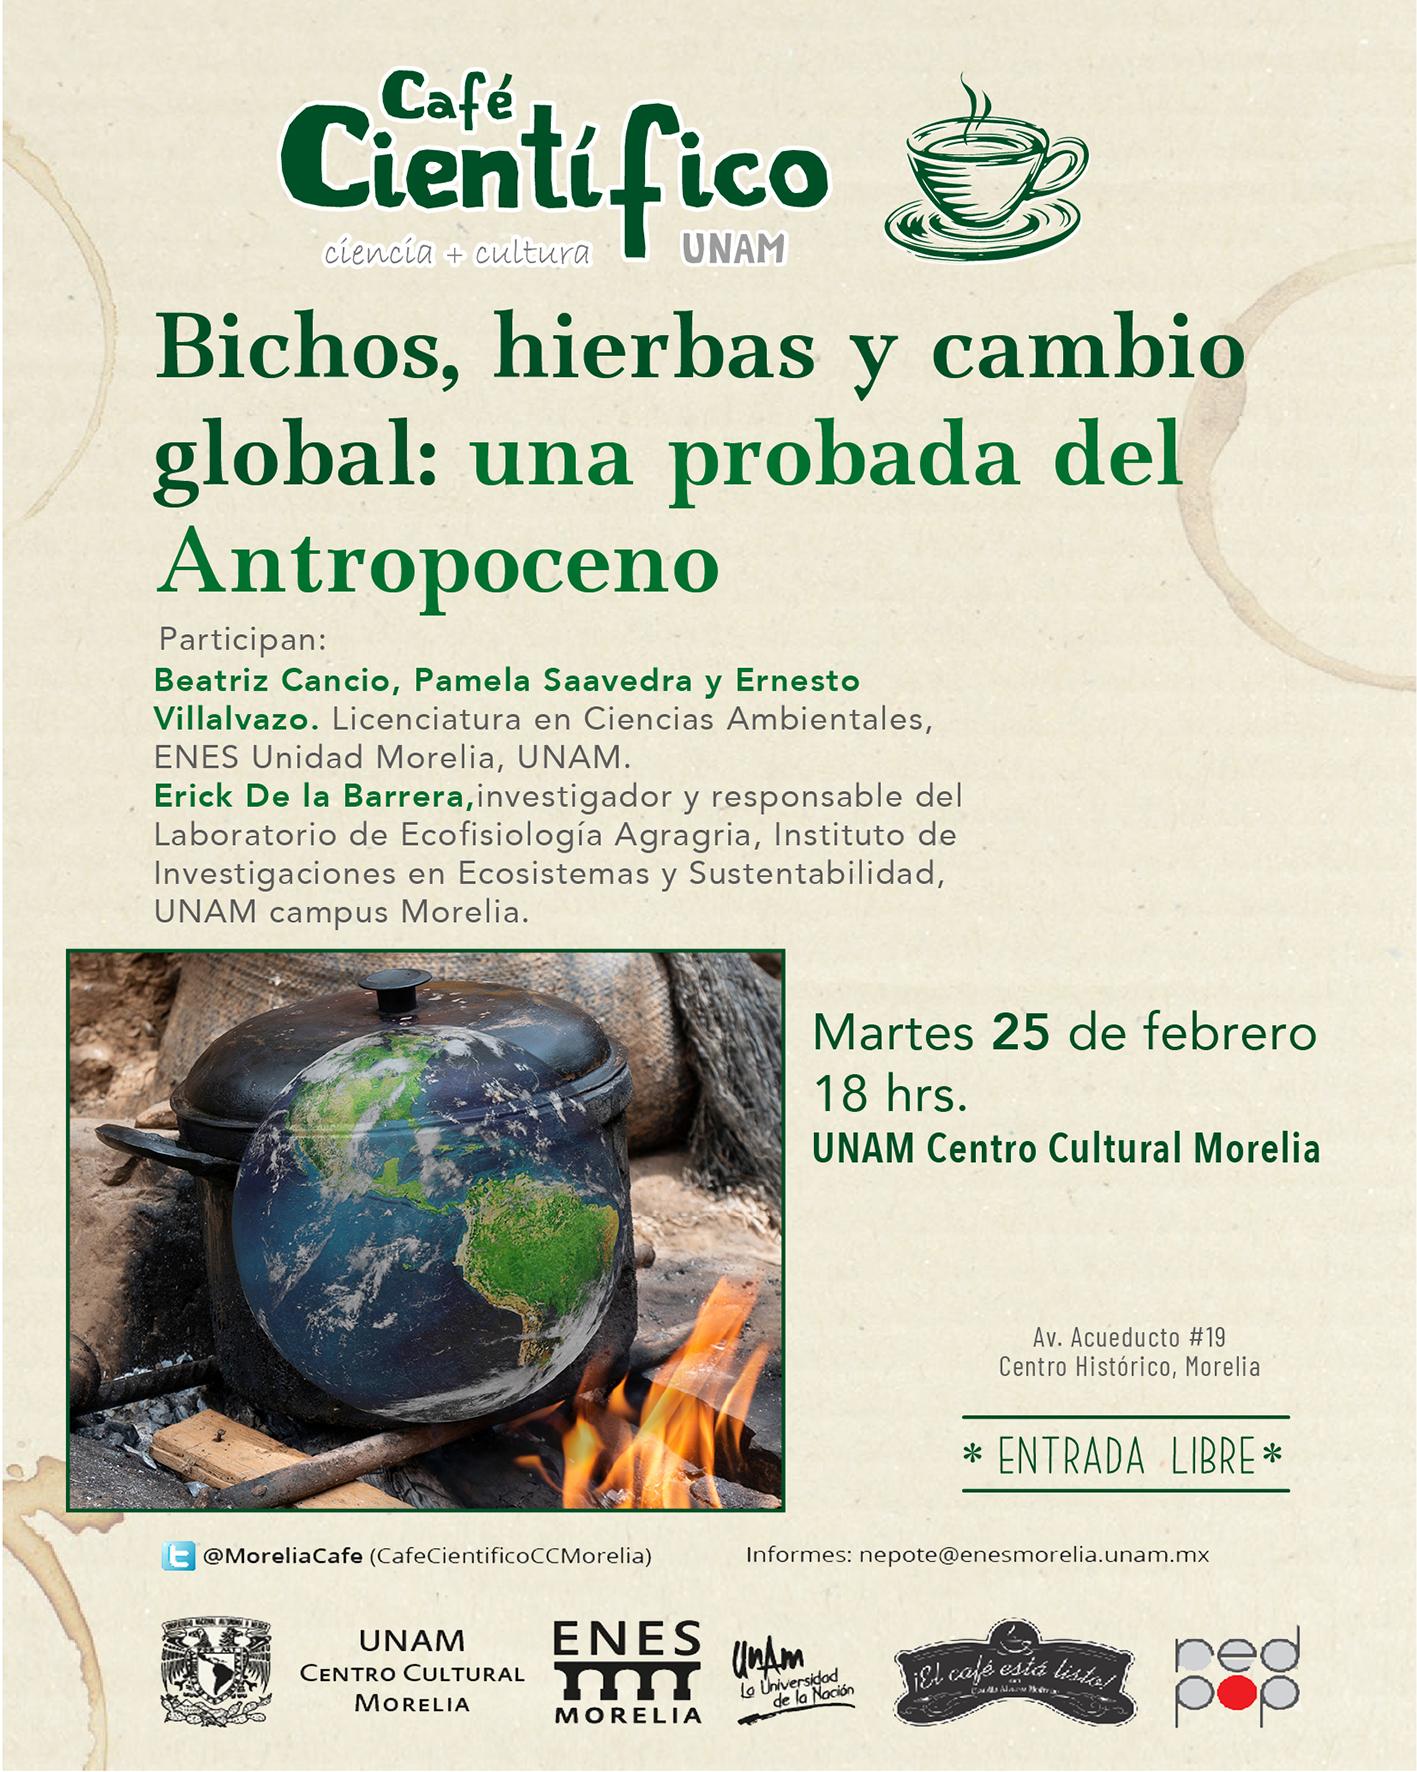 Cultura y soberanía alimentaria guiarán la charla del Café Científico en el Centro Cultural UNAM Morelia